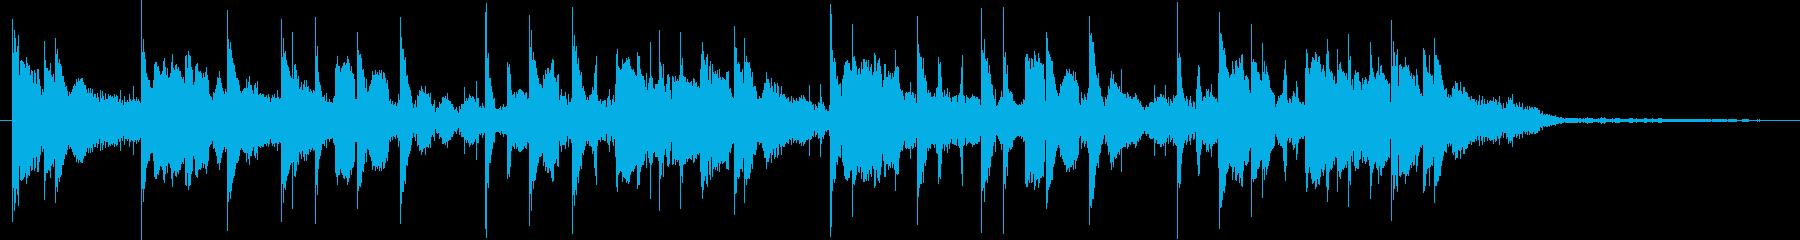 緊迫感のあるサスペンス風の再生済みの波形